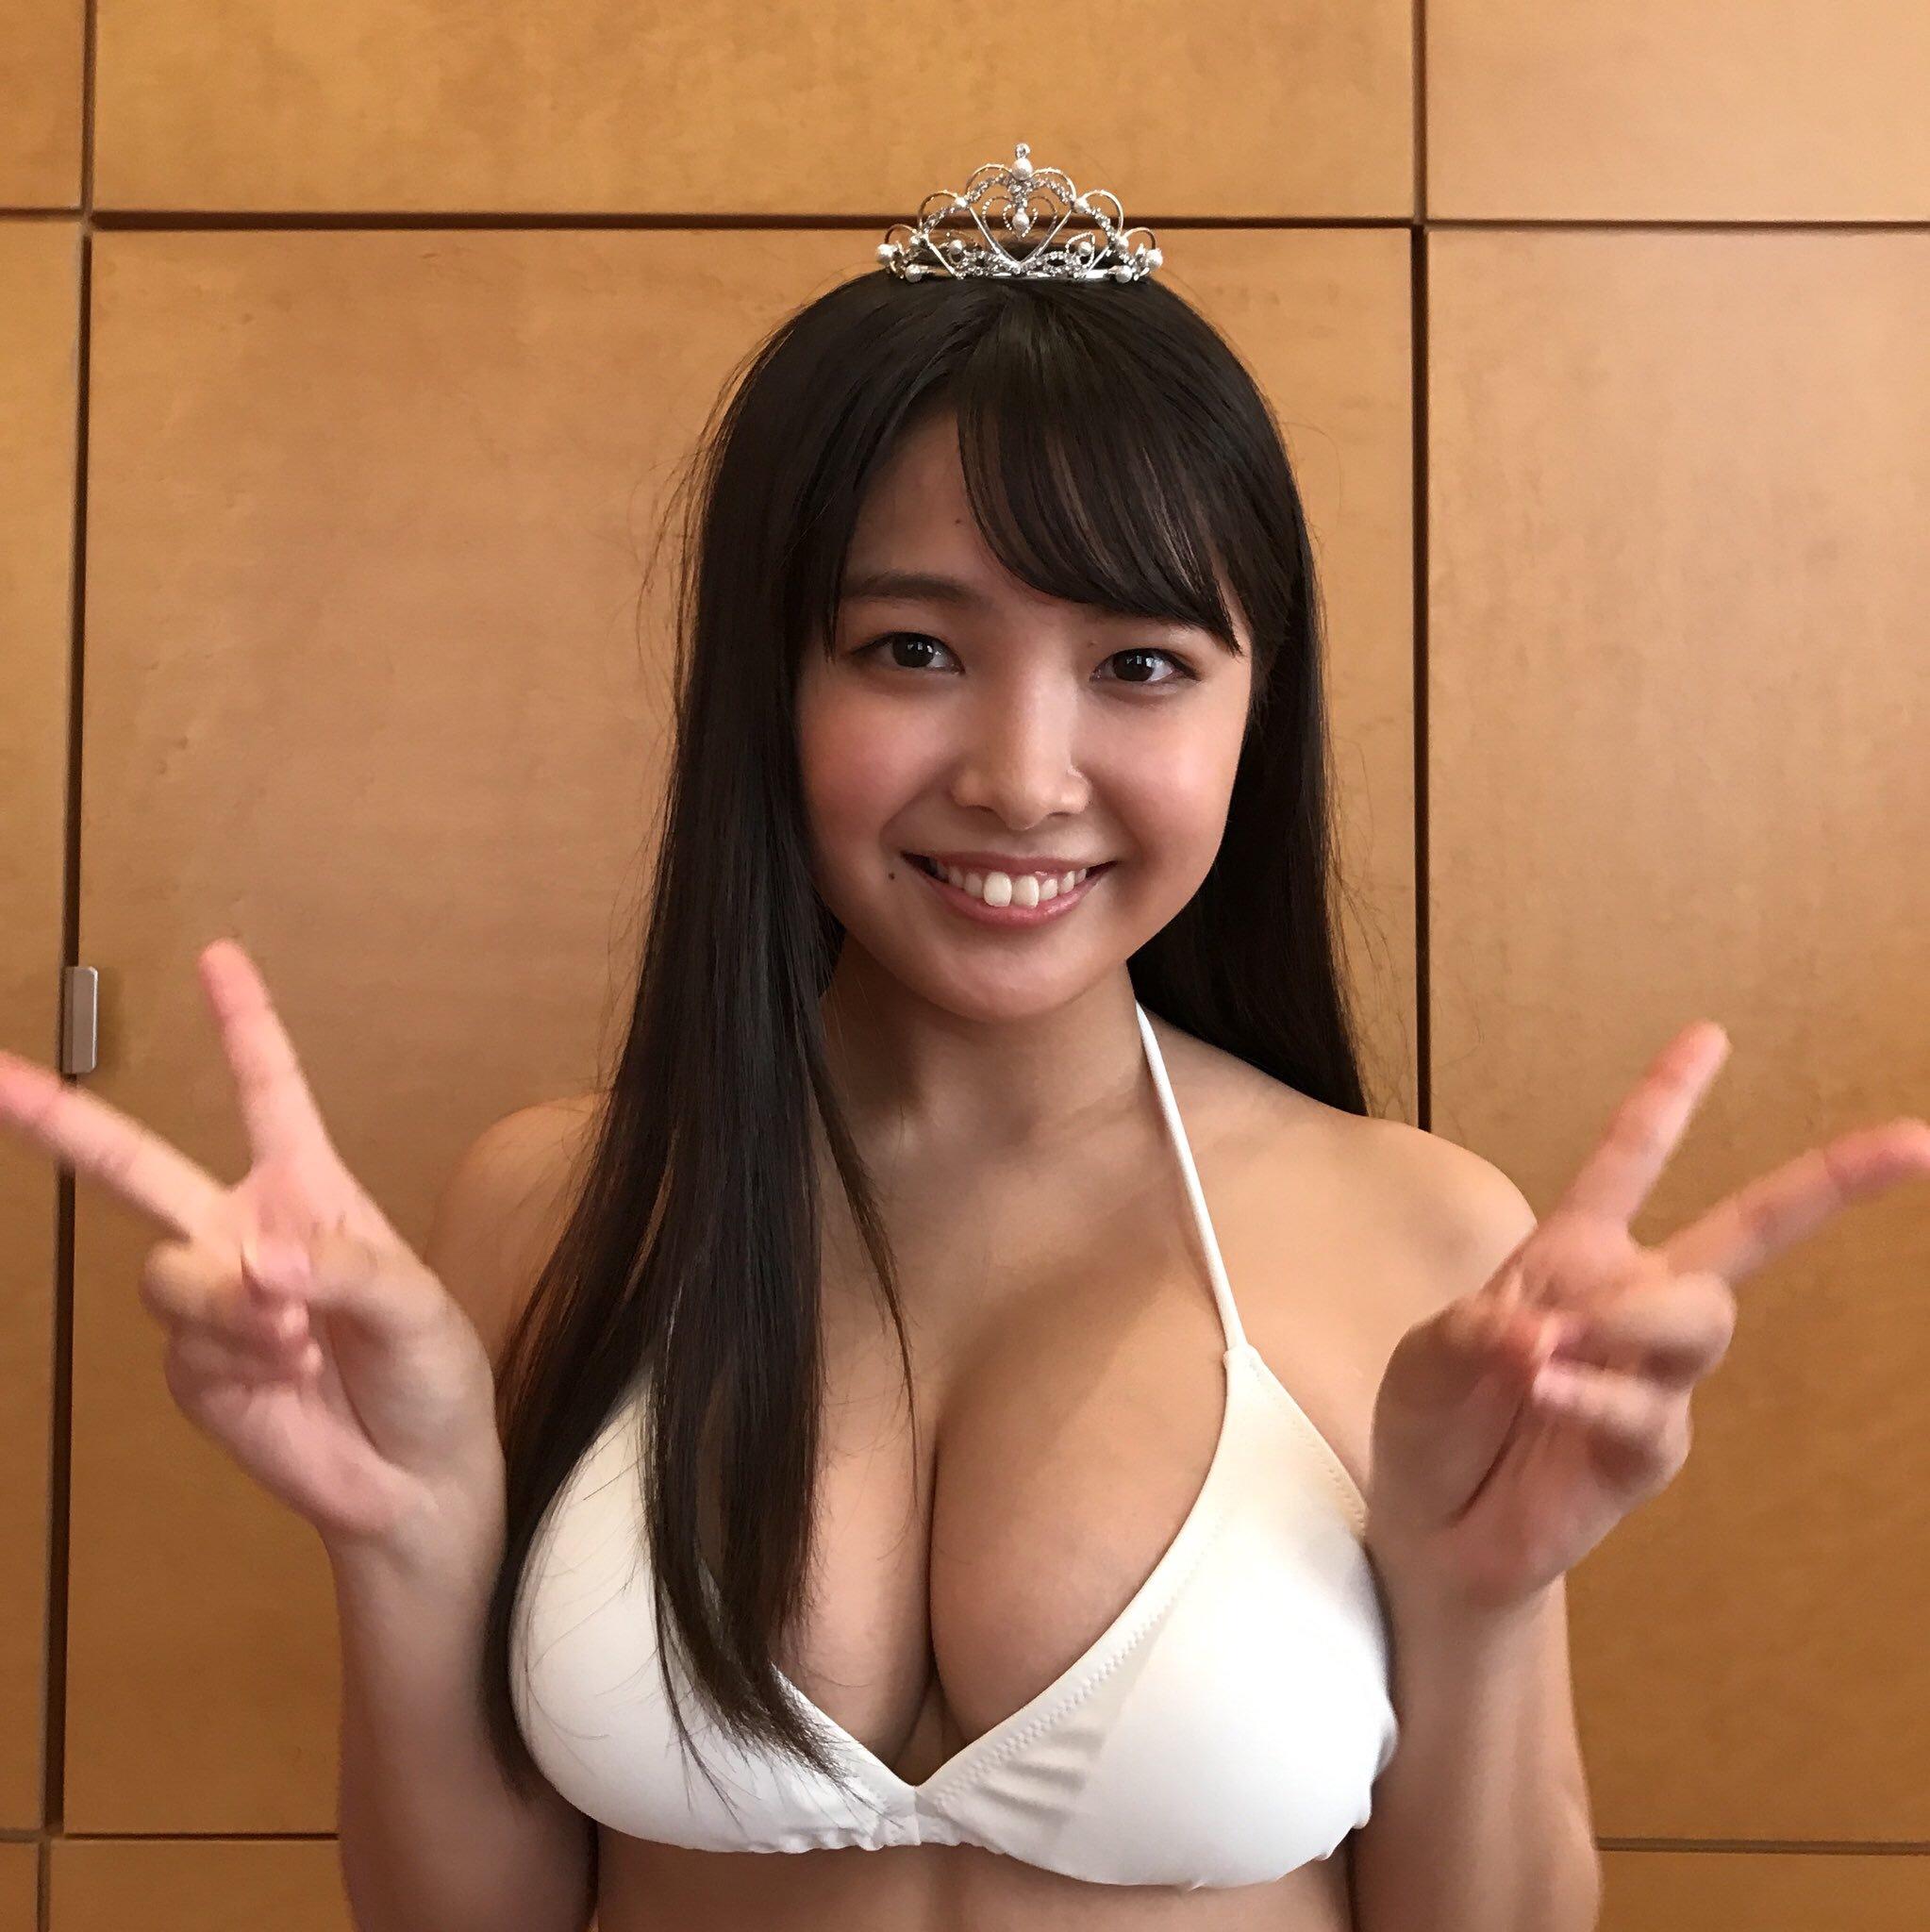 【デカ乳】ガチのマジのデカ乳美女がAVデビュー[美乃すずめ]